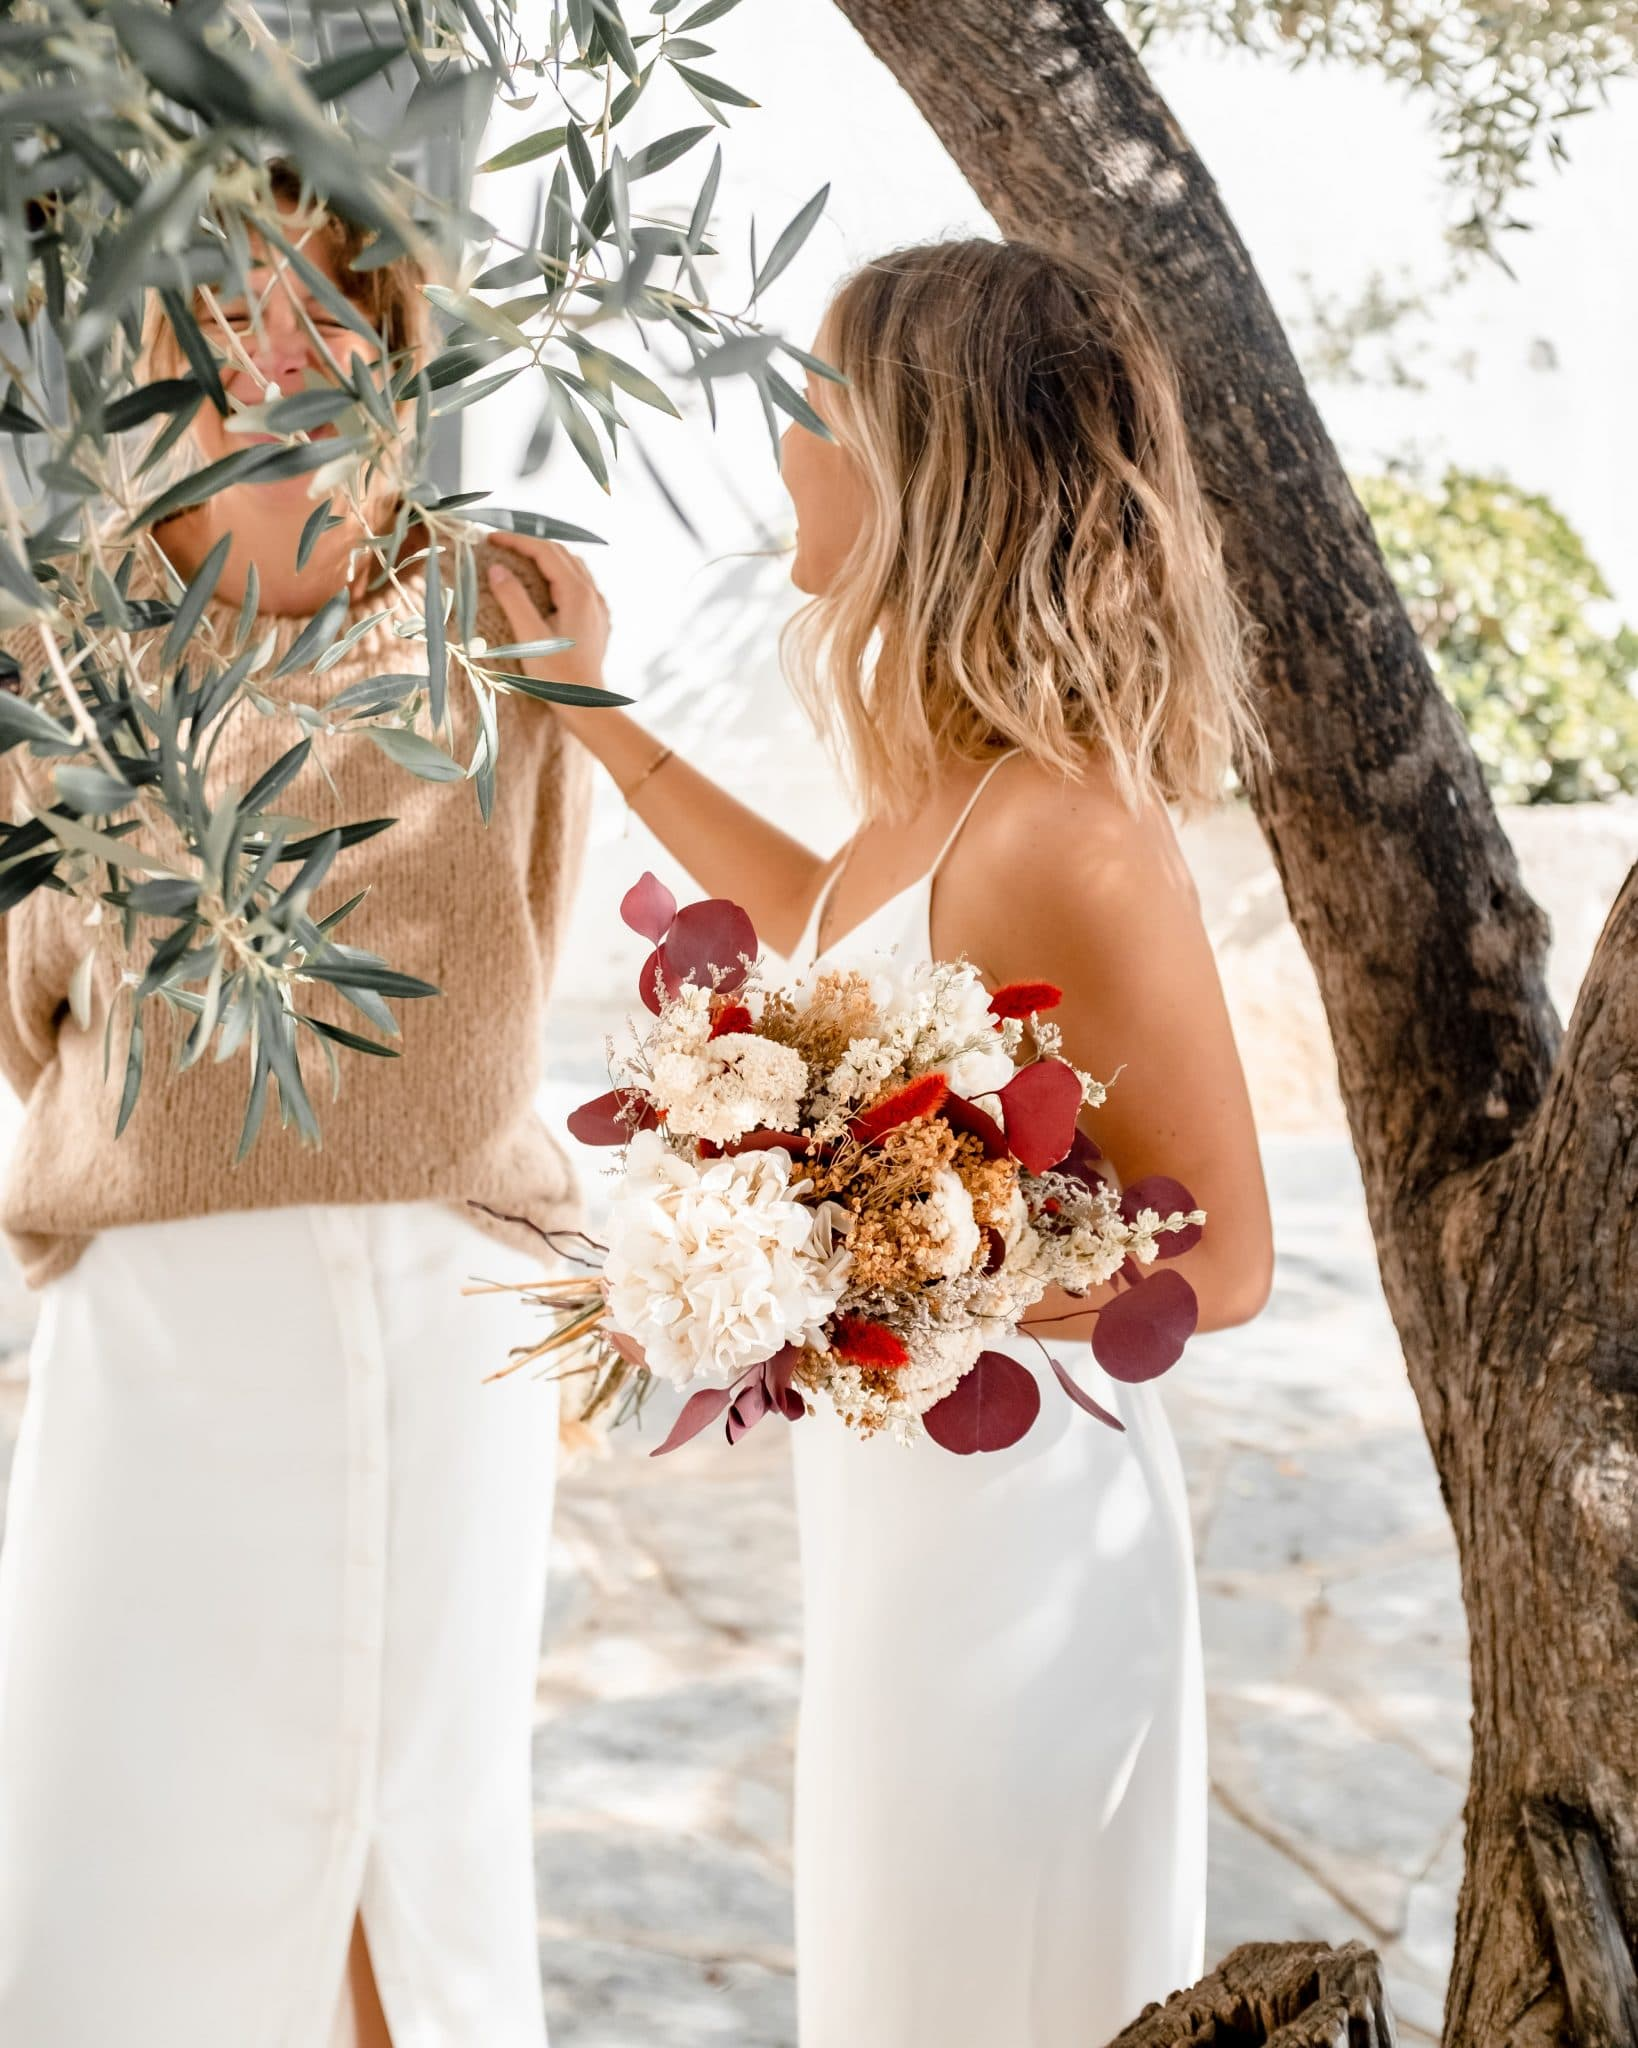 Comment Conserver Des Fleurs Séchées entretenir votre bouquet de fleurs séchées - rosa cadaqués